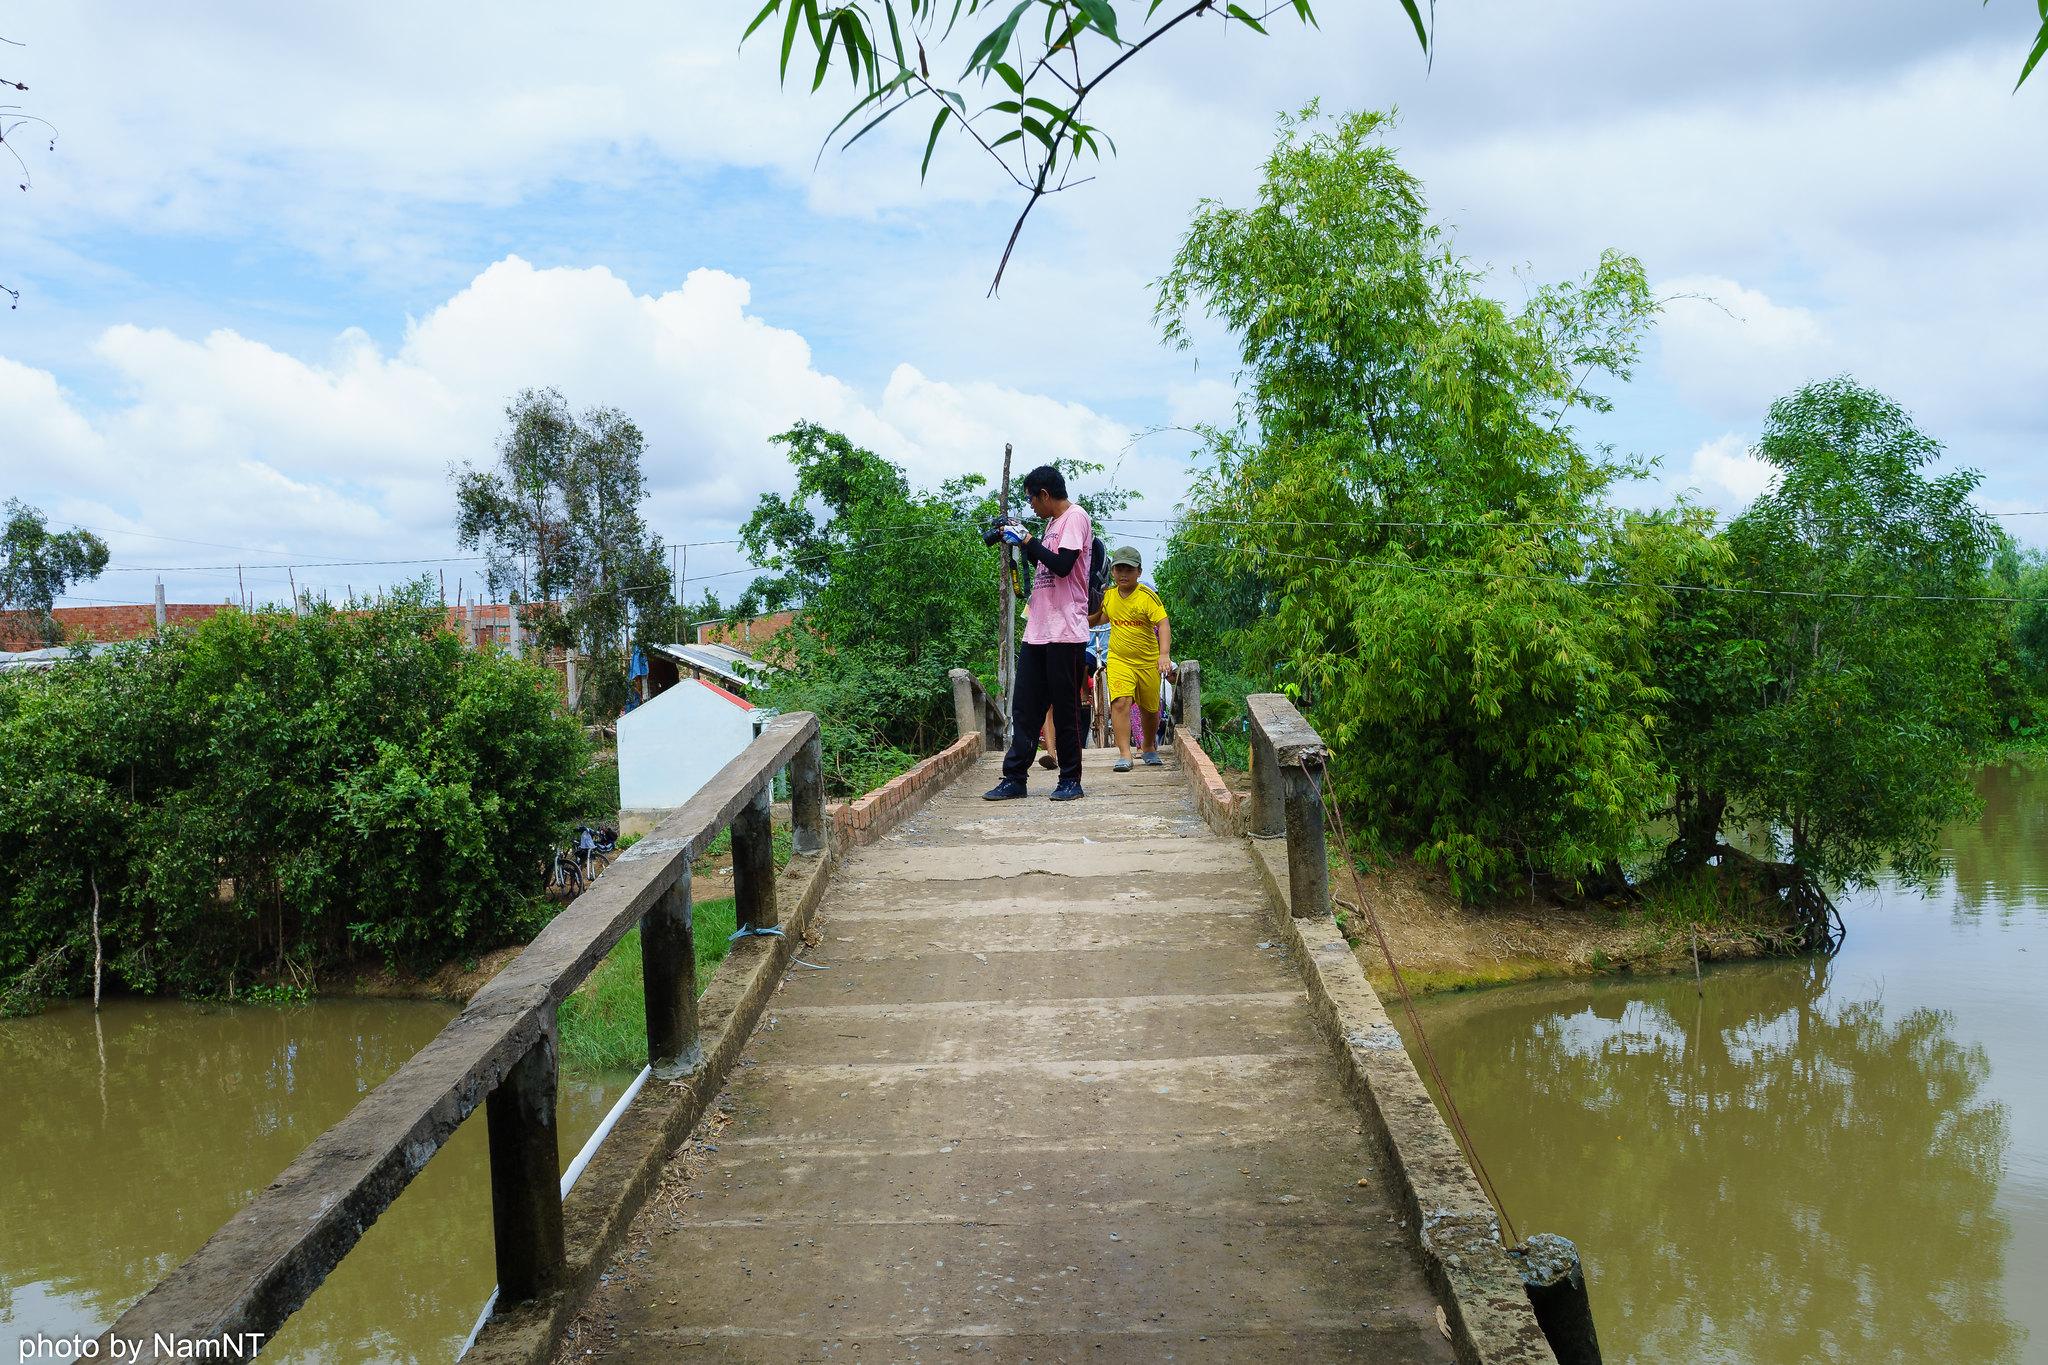 21405088645 1b9f8287dc k - SG- Tân An Mộc Hóa : Khám phá làng nổi Tân Lập